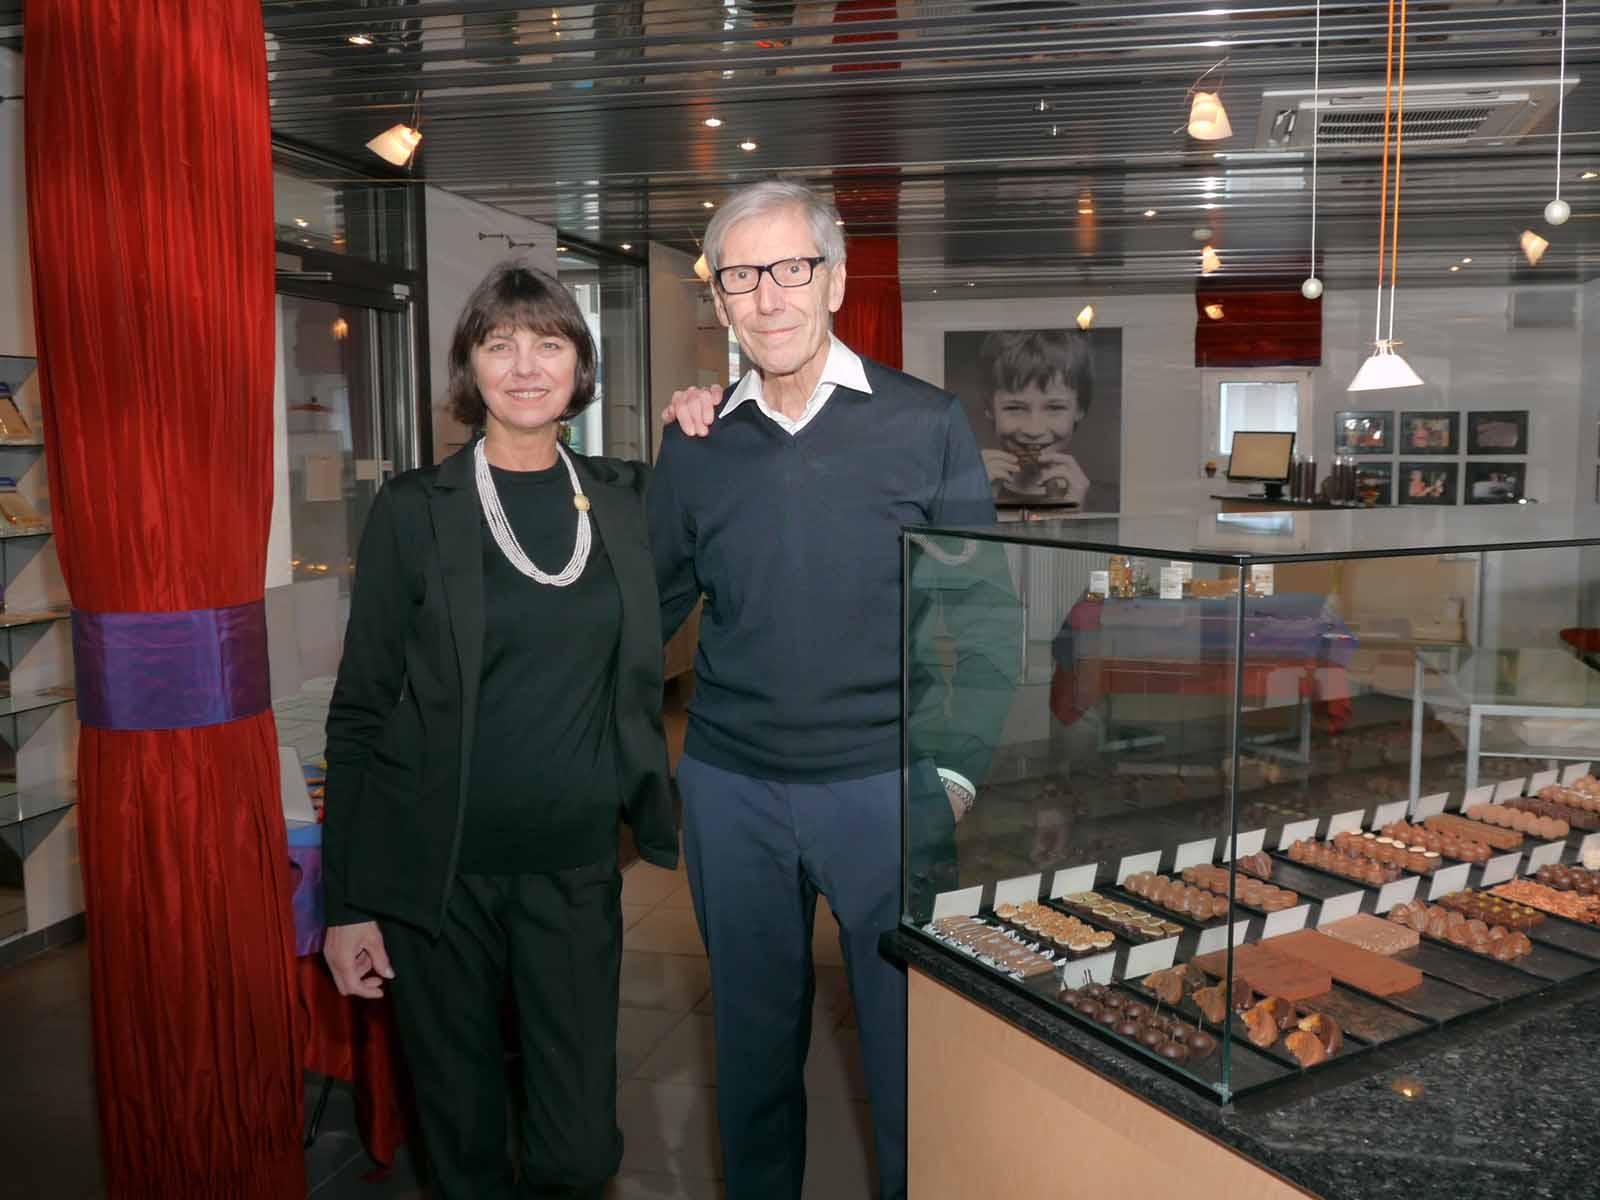 Bis Ende Mai gibt es bei Judith Balogh und Peter Kümmin im «Schoggi-König» noch edle Schokolade. Dann ist nach 25 Jahren Schluss.